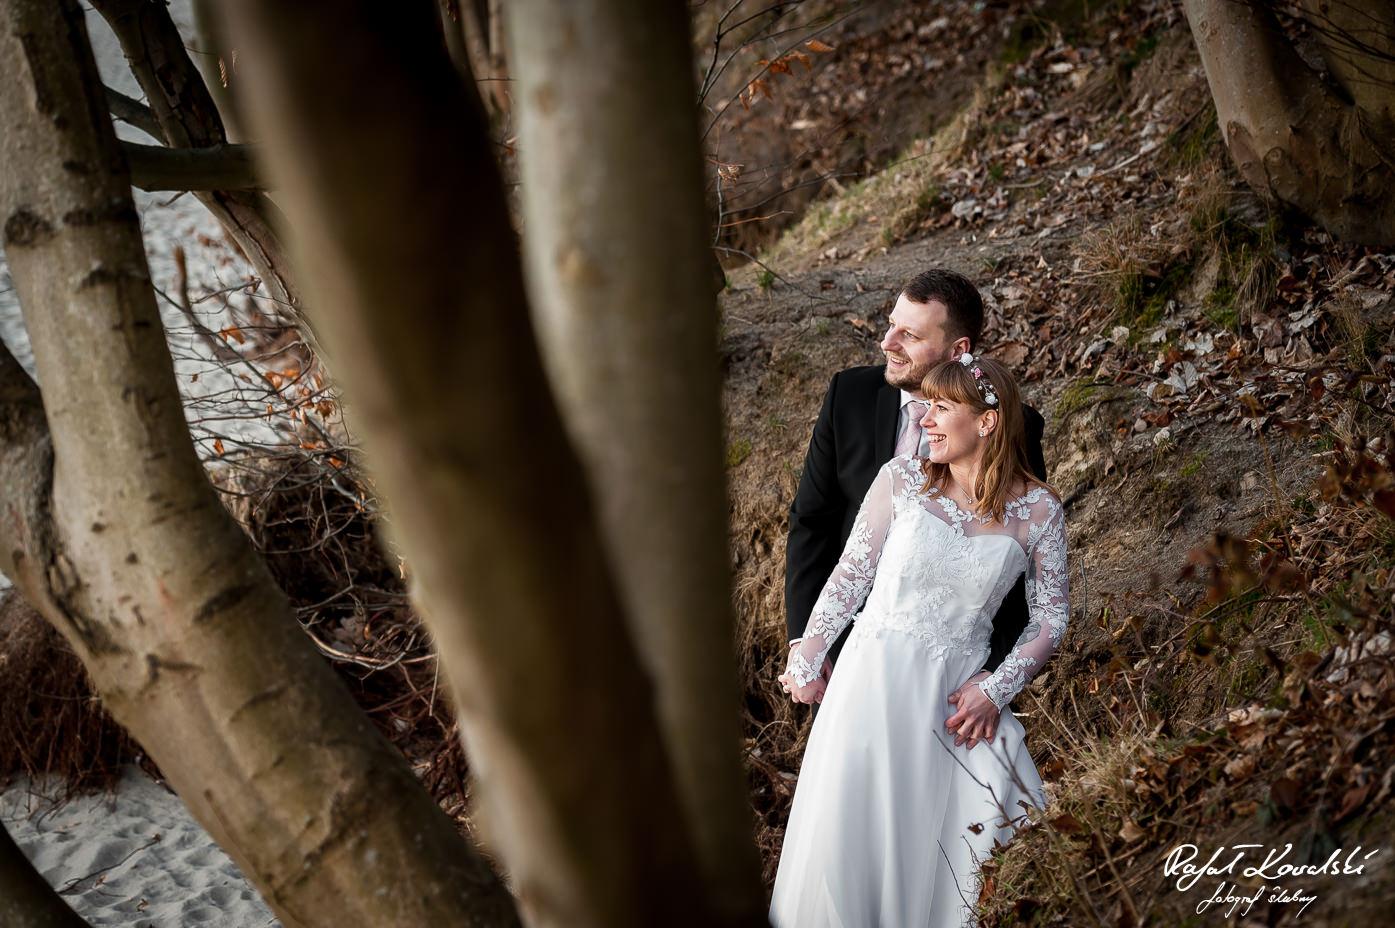 sesja ślubna wśród drzew pochylających się nad plazą w Gdyni